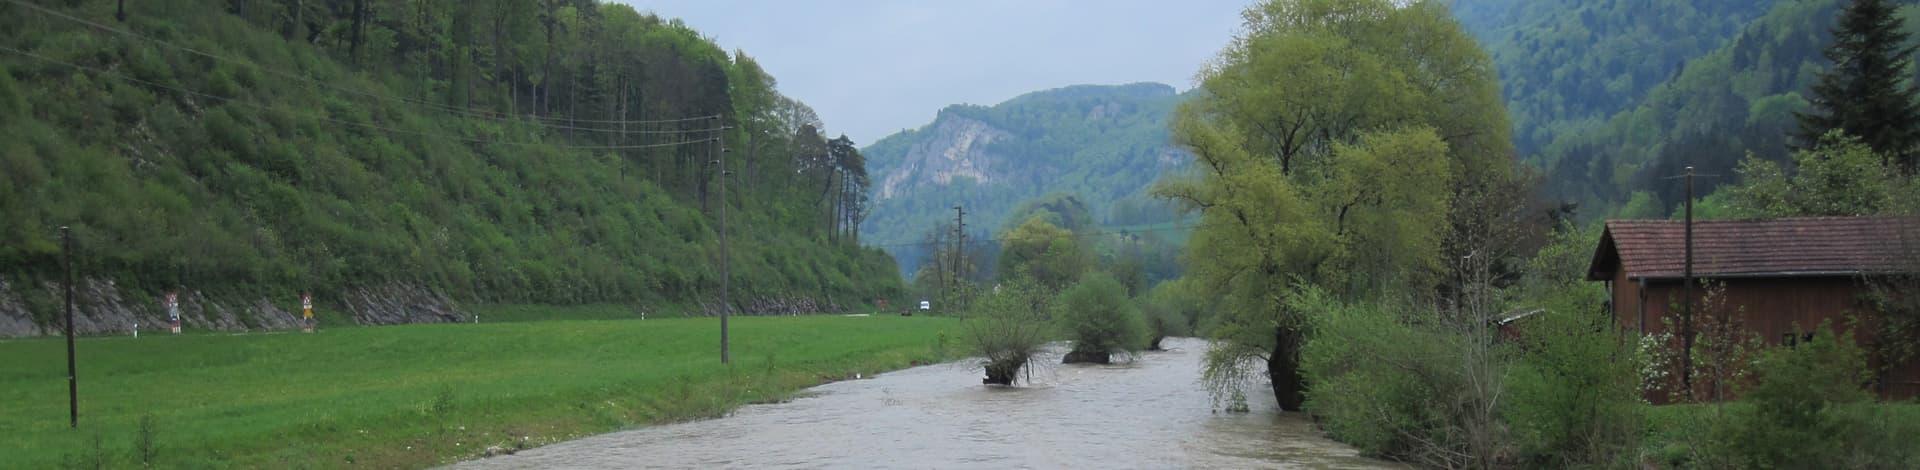 Hochwasserschutz Soyhi Res Die Mobiliar